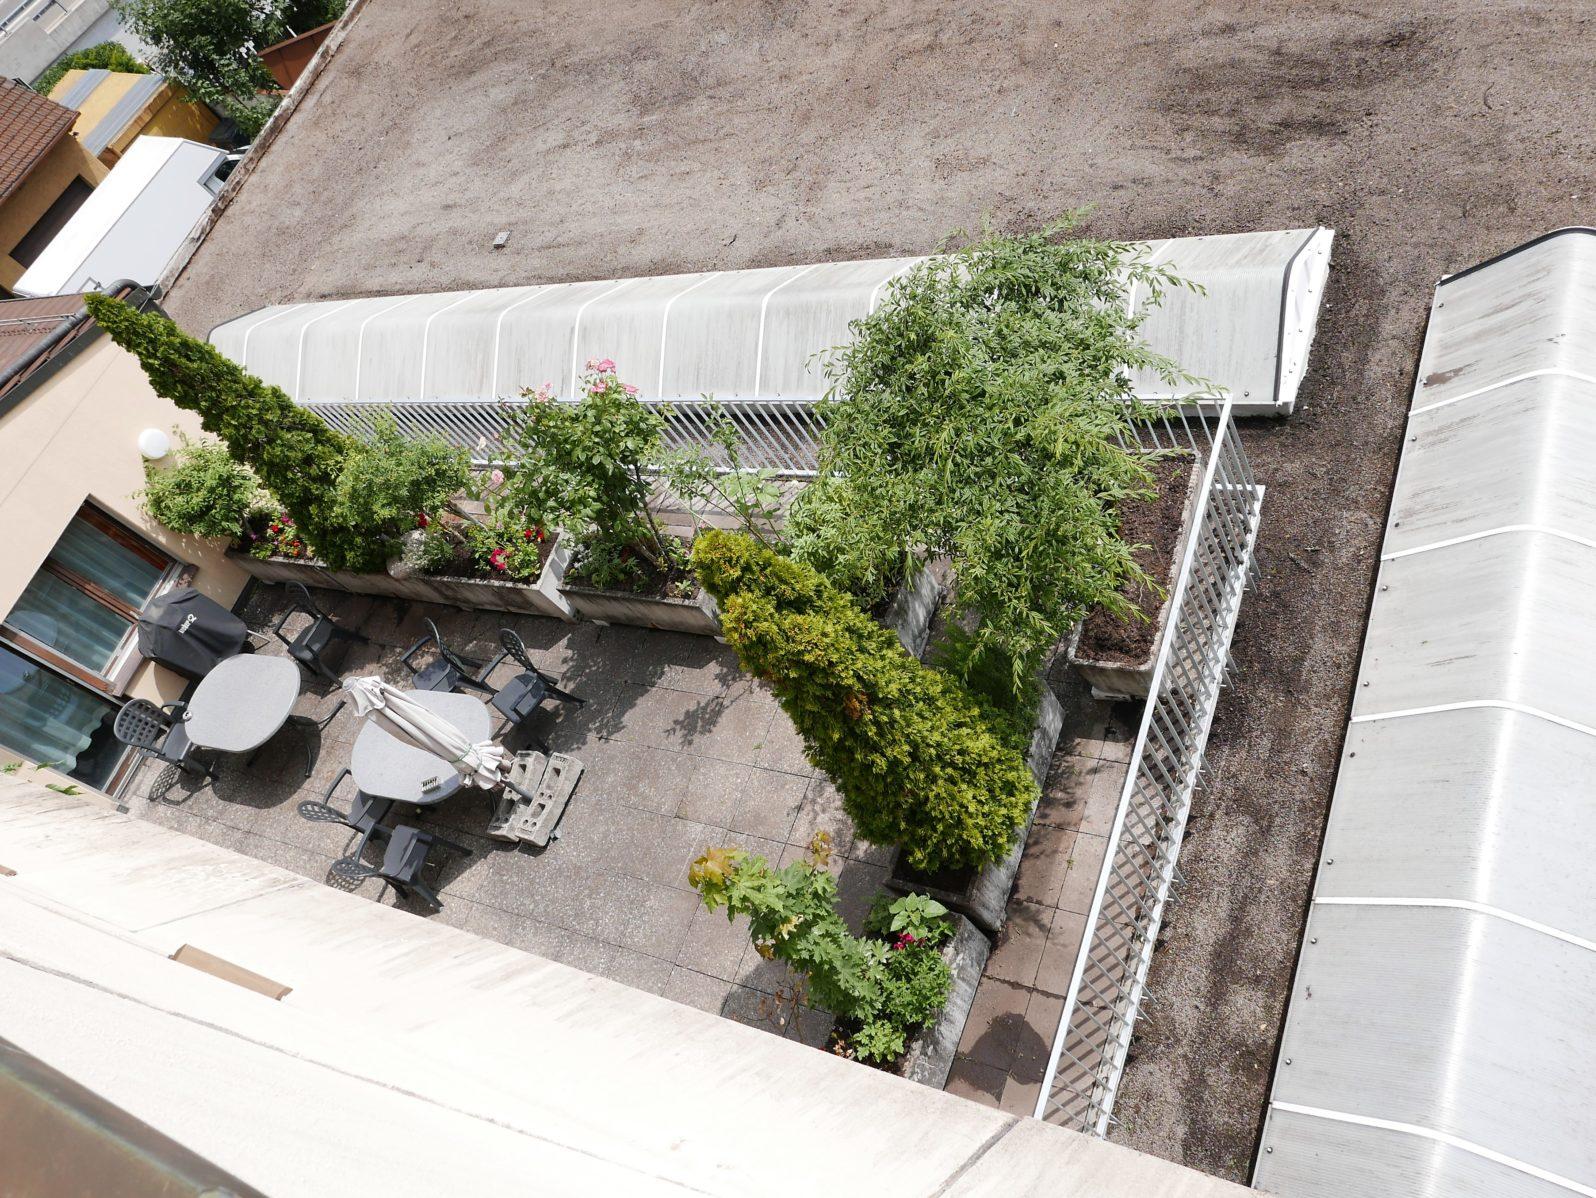 Staketengeländer Feuerverzinkt Terrasse Pflanzen